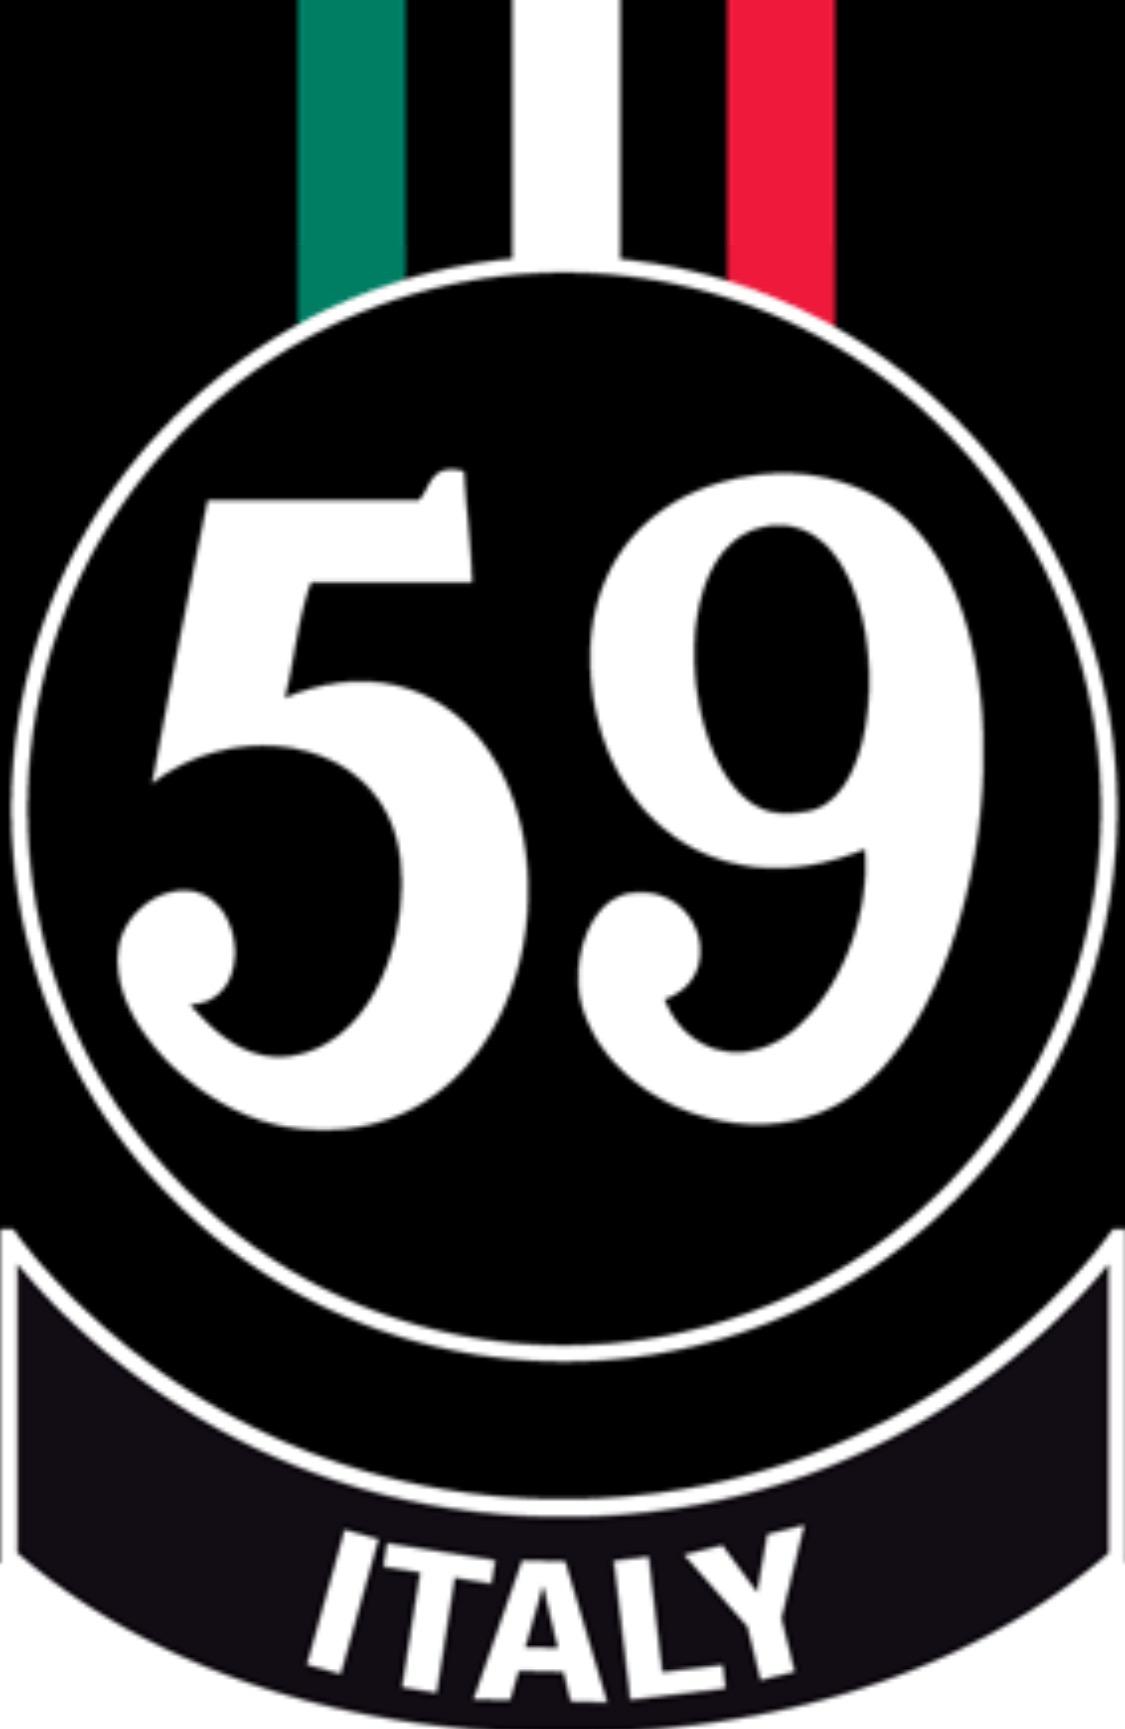 59 ITALY